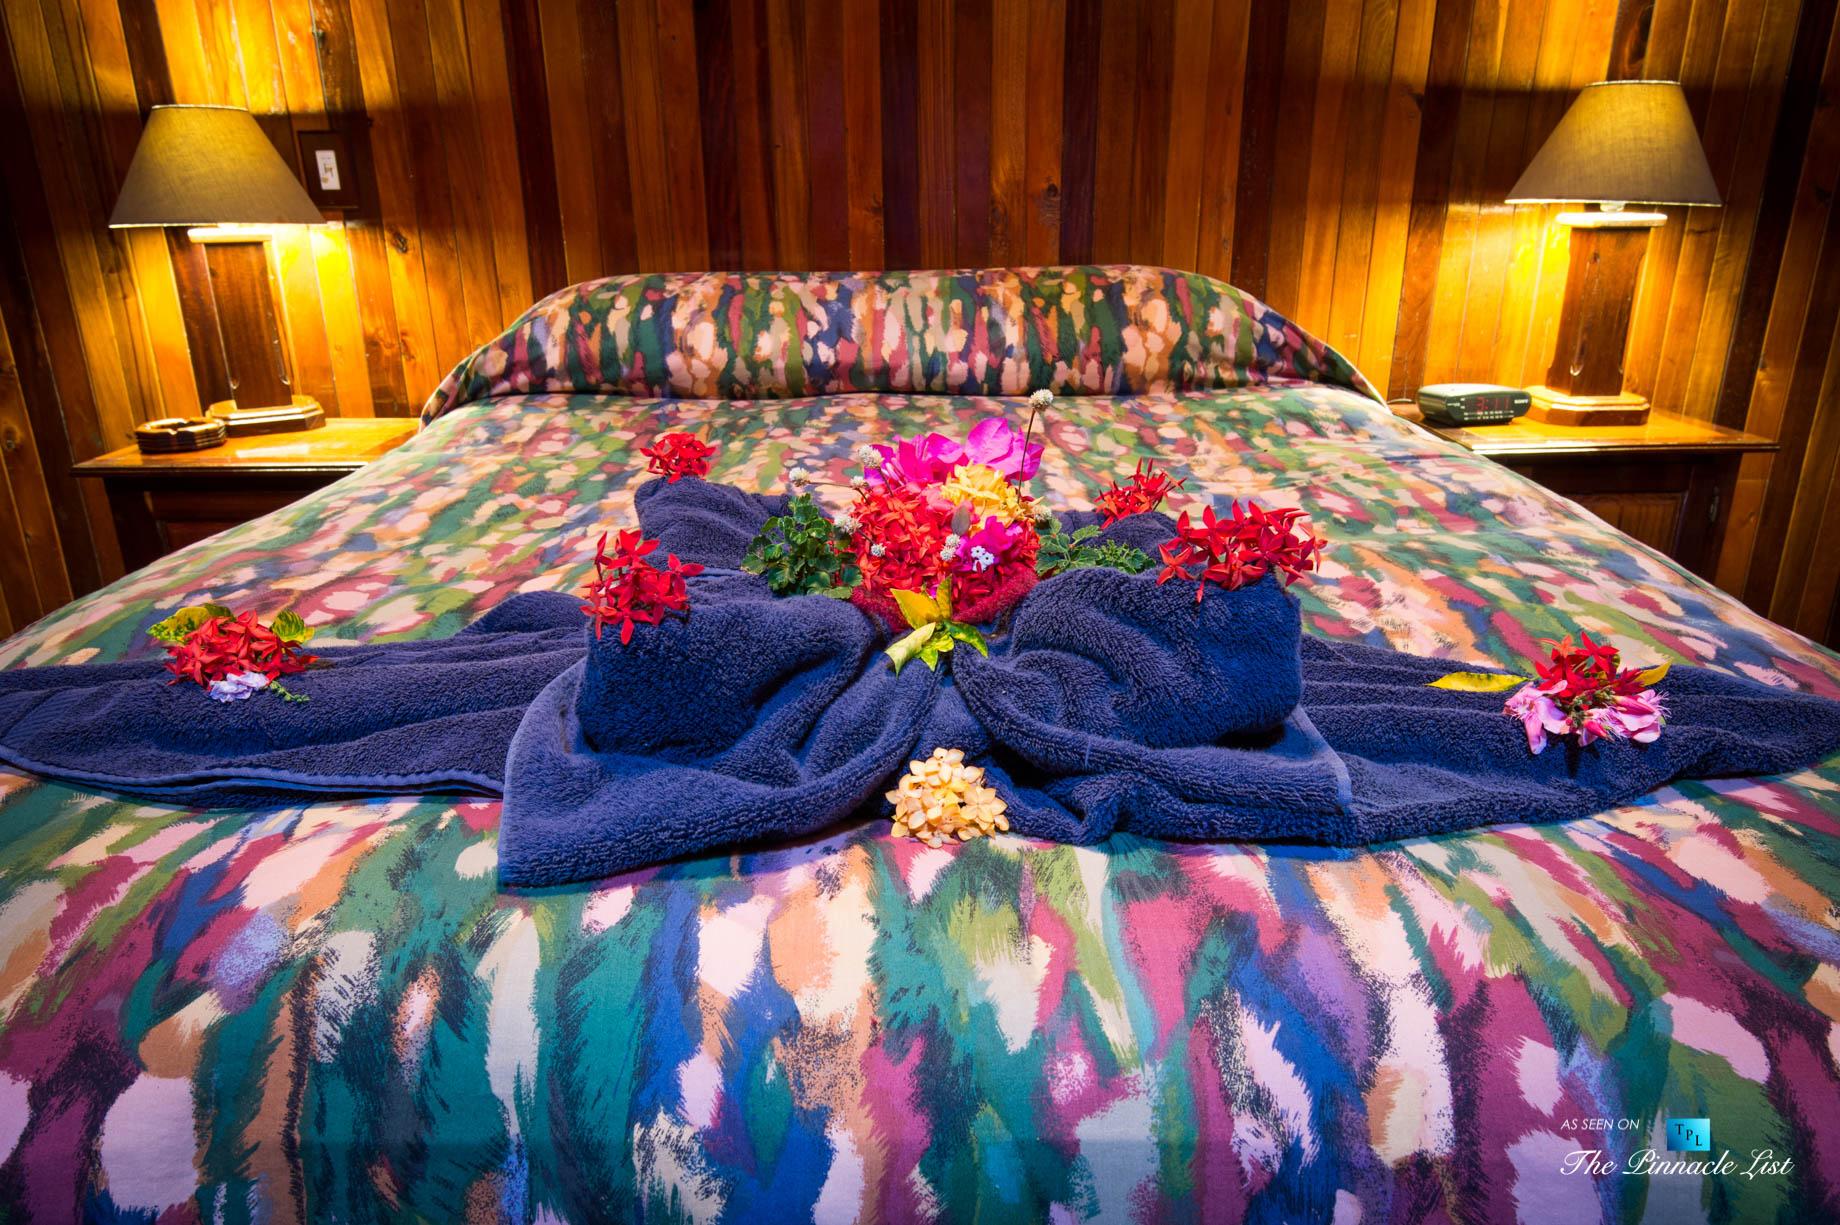 Tambor Tropical Beach Resort – Tambor, Puntarenas, Costa Rica – Suite Bed